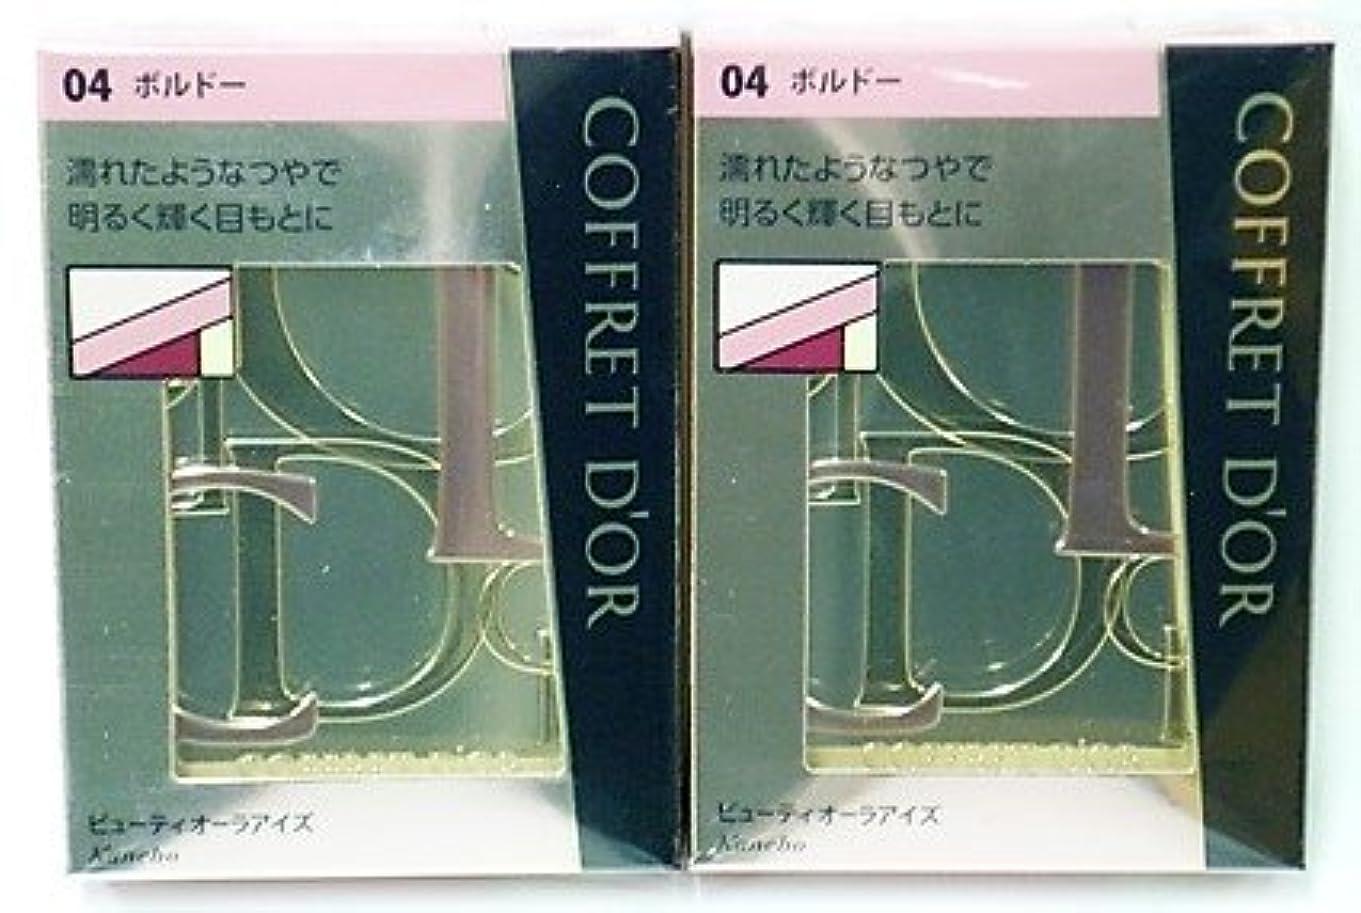 シンプトン崩壊スタイル<2個セット>コフレドール ビューティオーラアイズ 04ボルドー 3.5g入り×2個